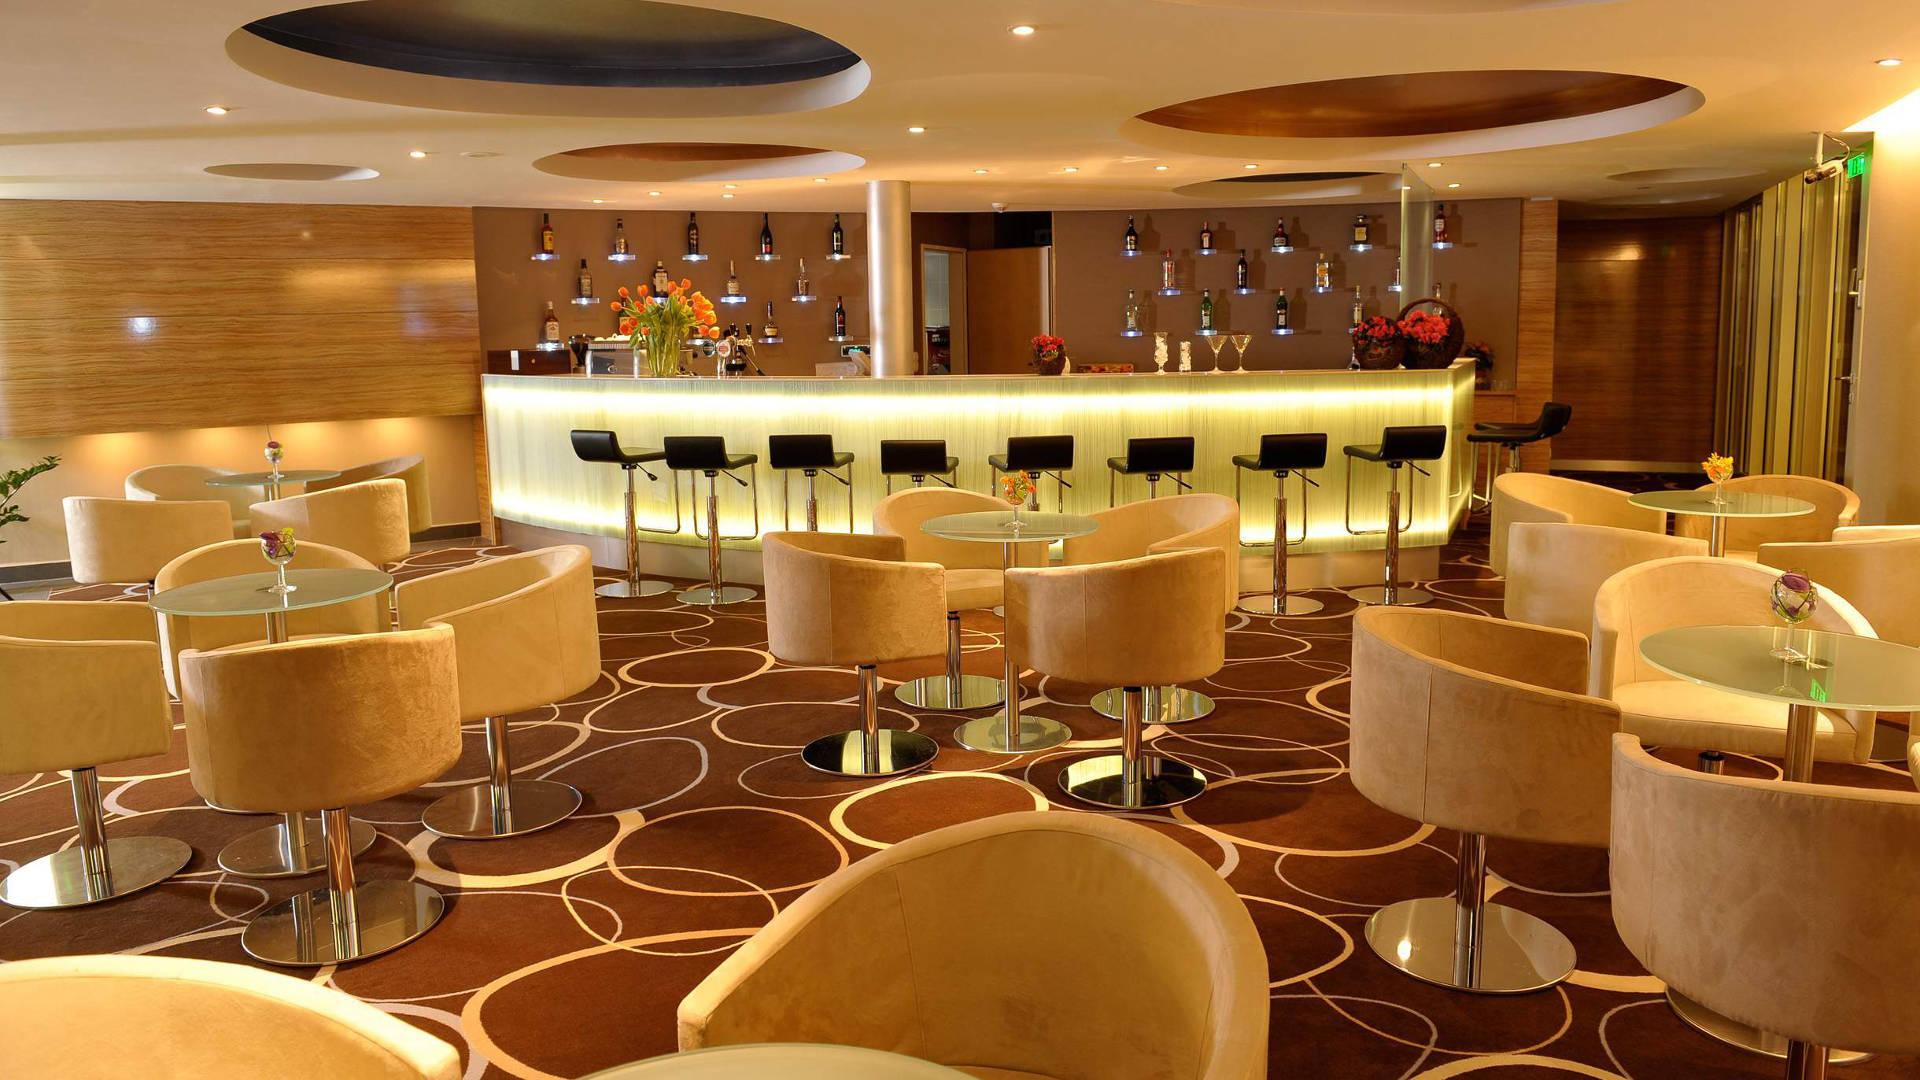 Velence Resort & Spa - Papa's Bar